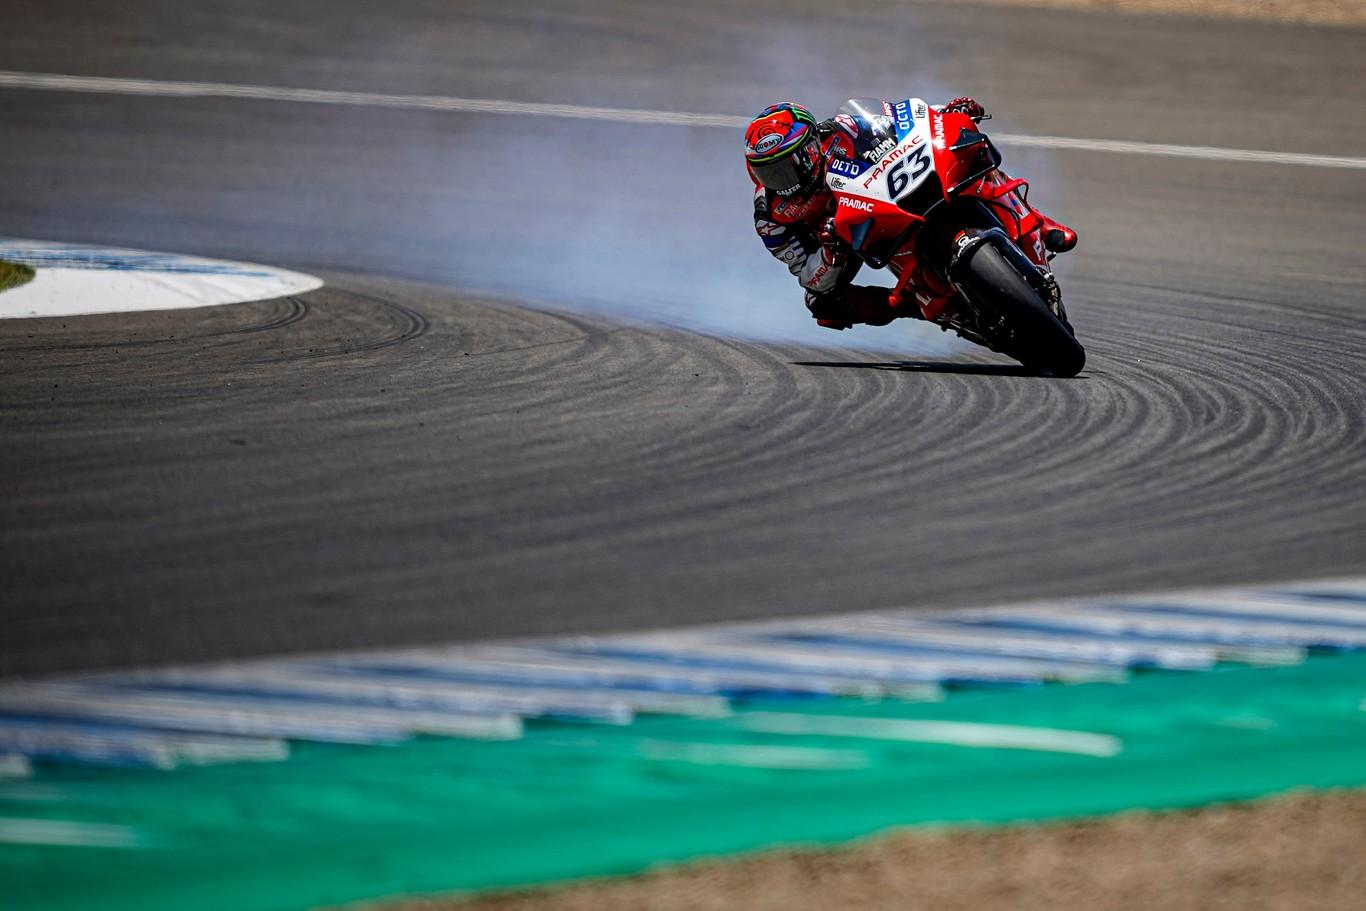 La eclosión Pecco Bagnaia en Jerez es una bendición para Ducati y ...